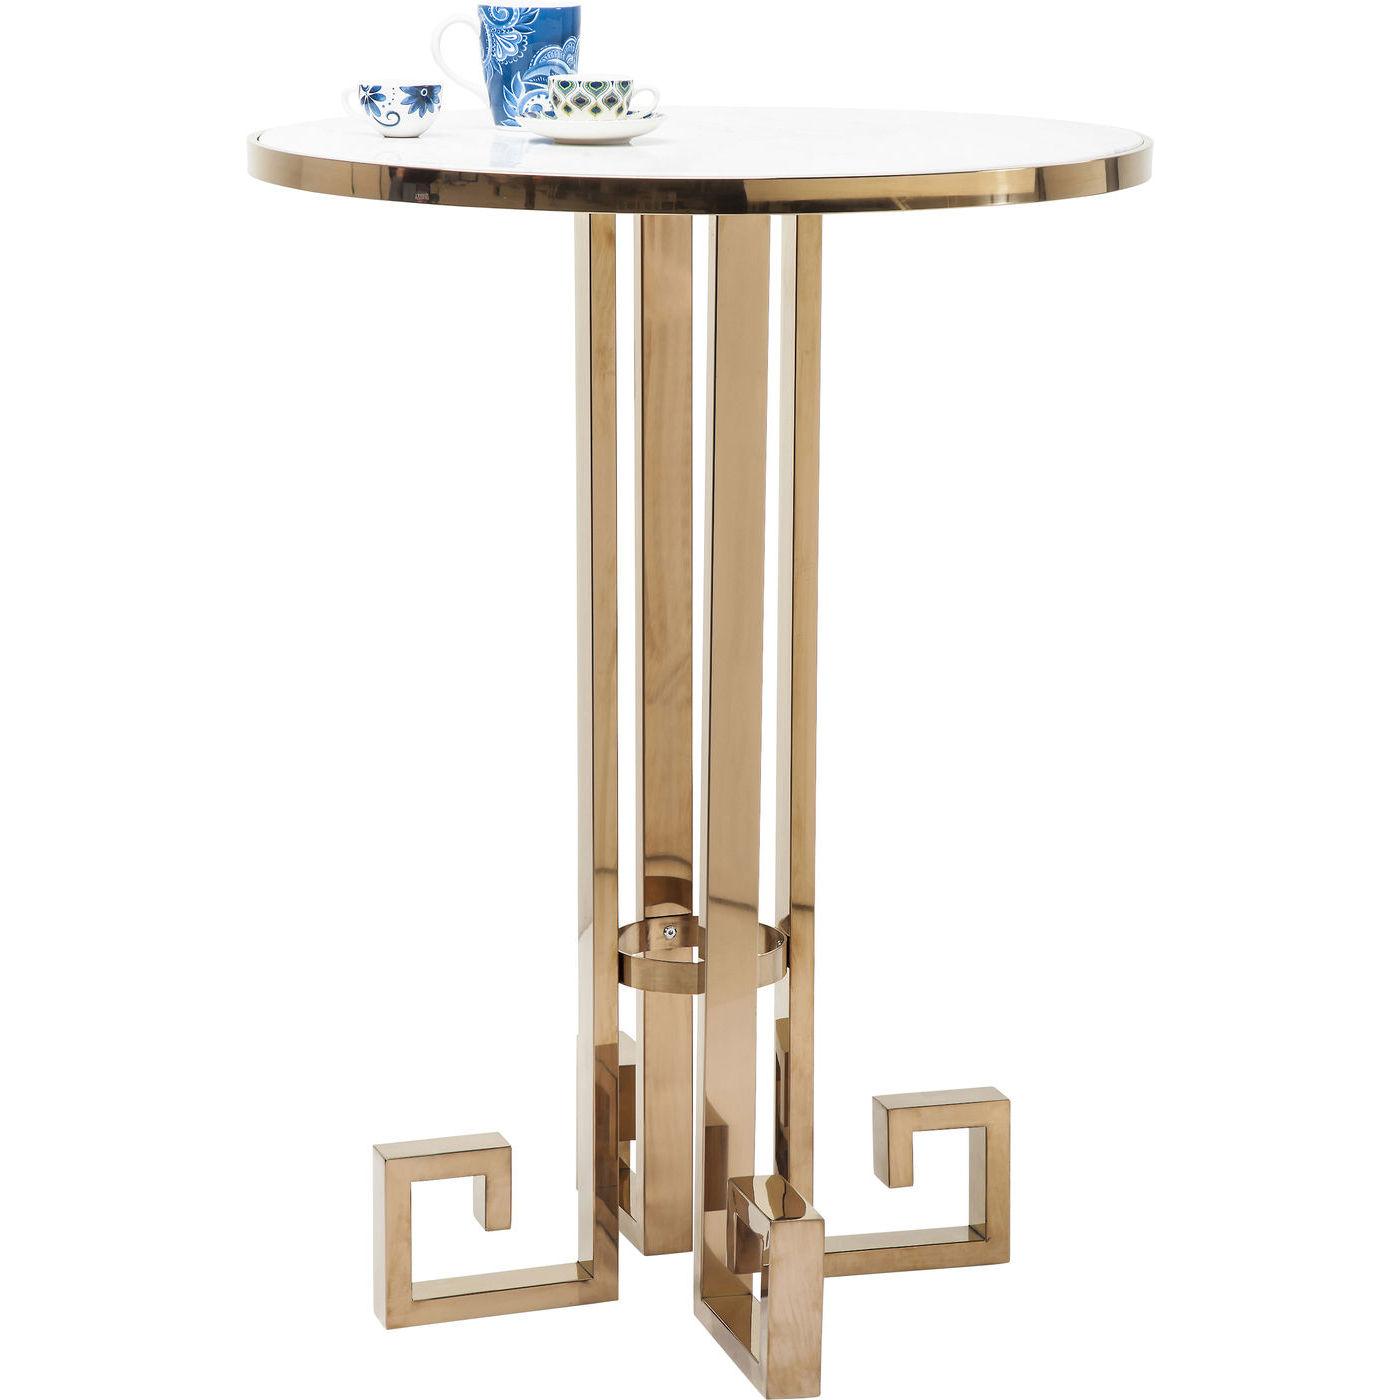 Tisch stehtisch bistrotisch bartisch rund 80cm gold marmor for Kare design tisch rund